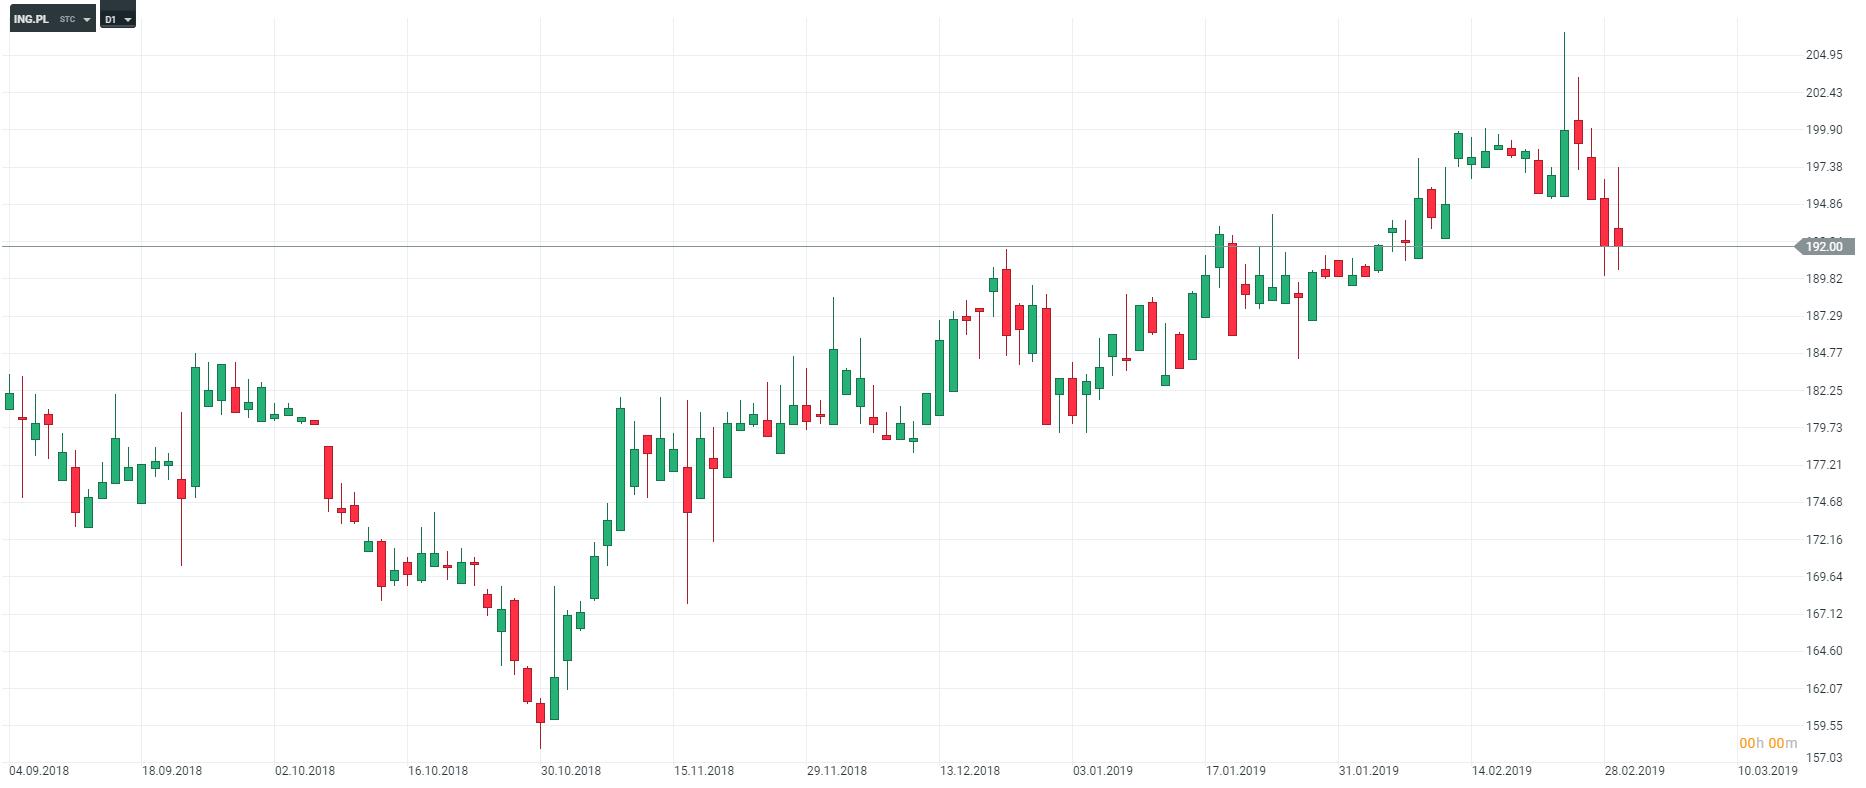 wykres ING D1 04.03.2019